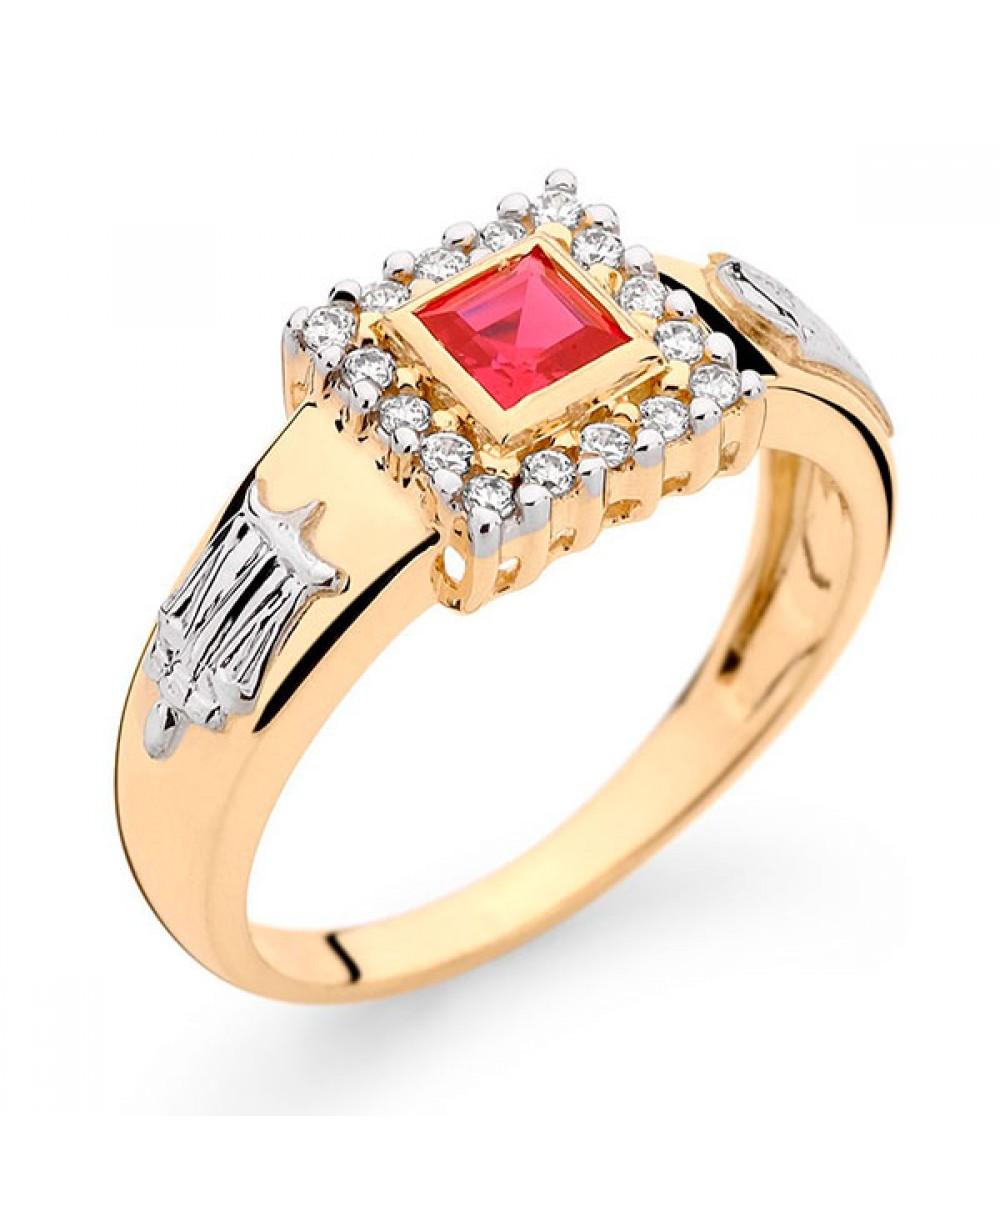 Anel Formatura em Ouro 18K com Pedra Natural Rubi e Diamantes ... 686a275bf5